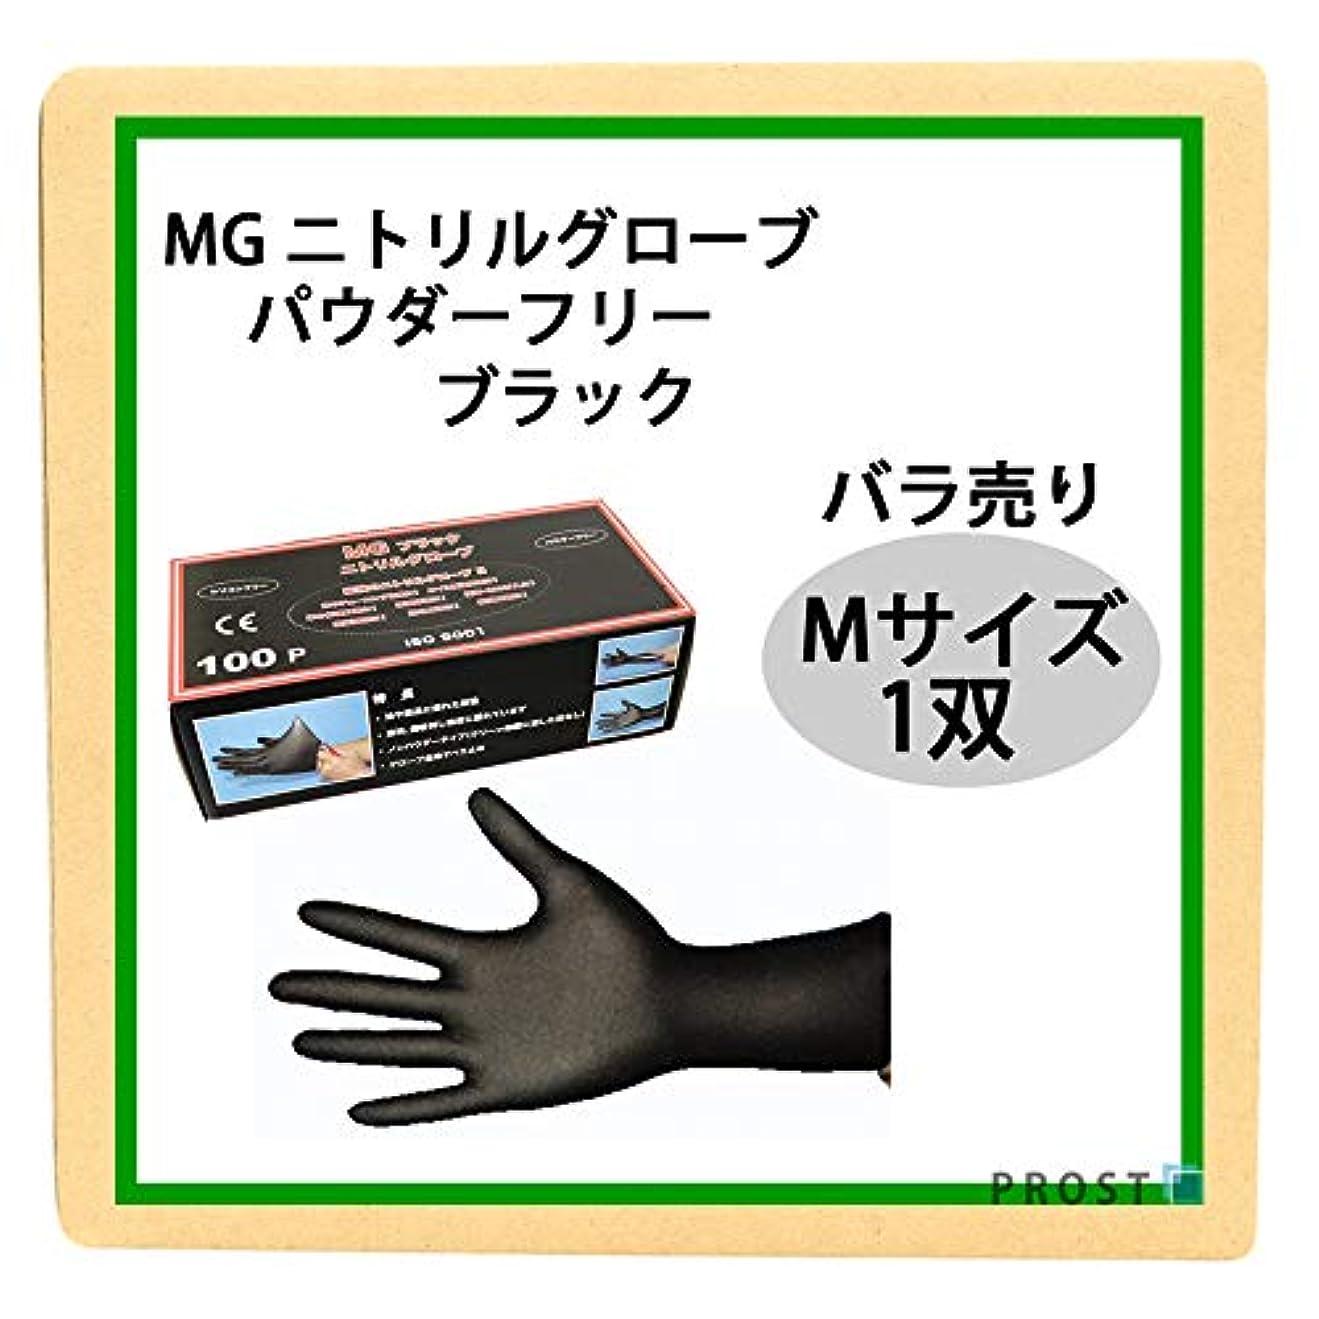 声を出して使用法真空MG ニトリルグローブ ブラック パウダー フリー Mサイズ 1双/ニトリル手袋 ゴム手袋 塗装 オイル ニトリルゴム